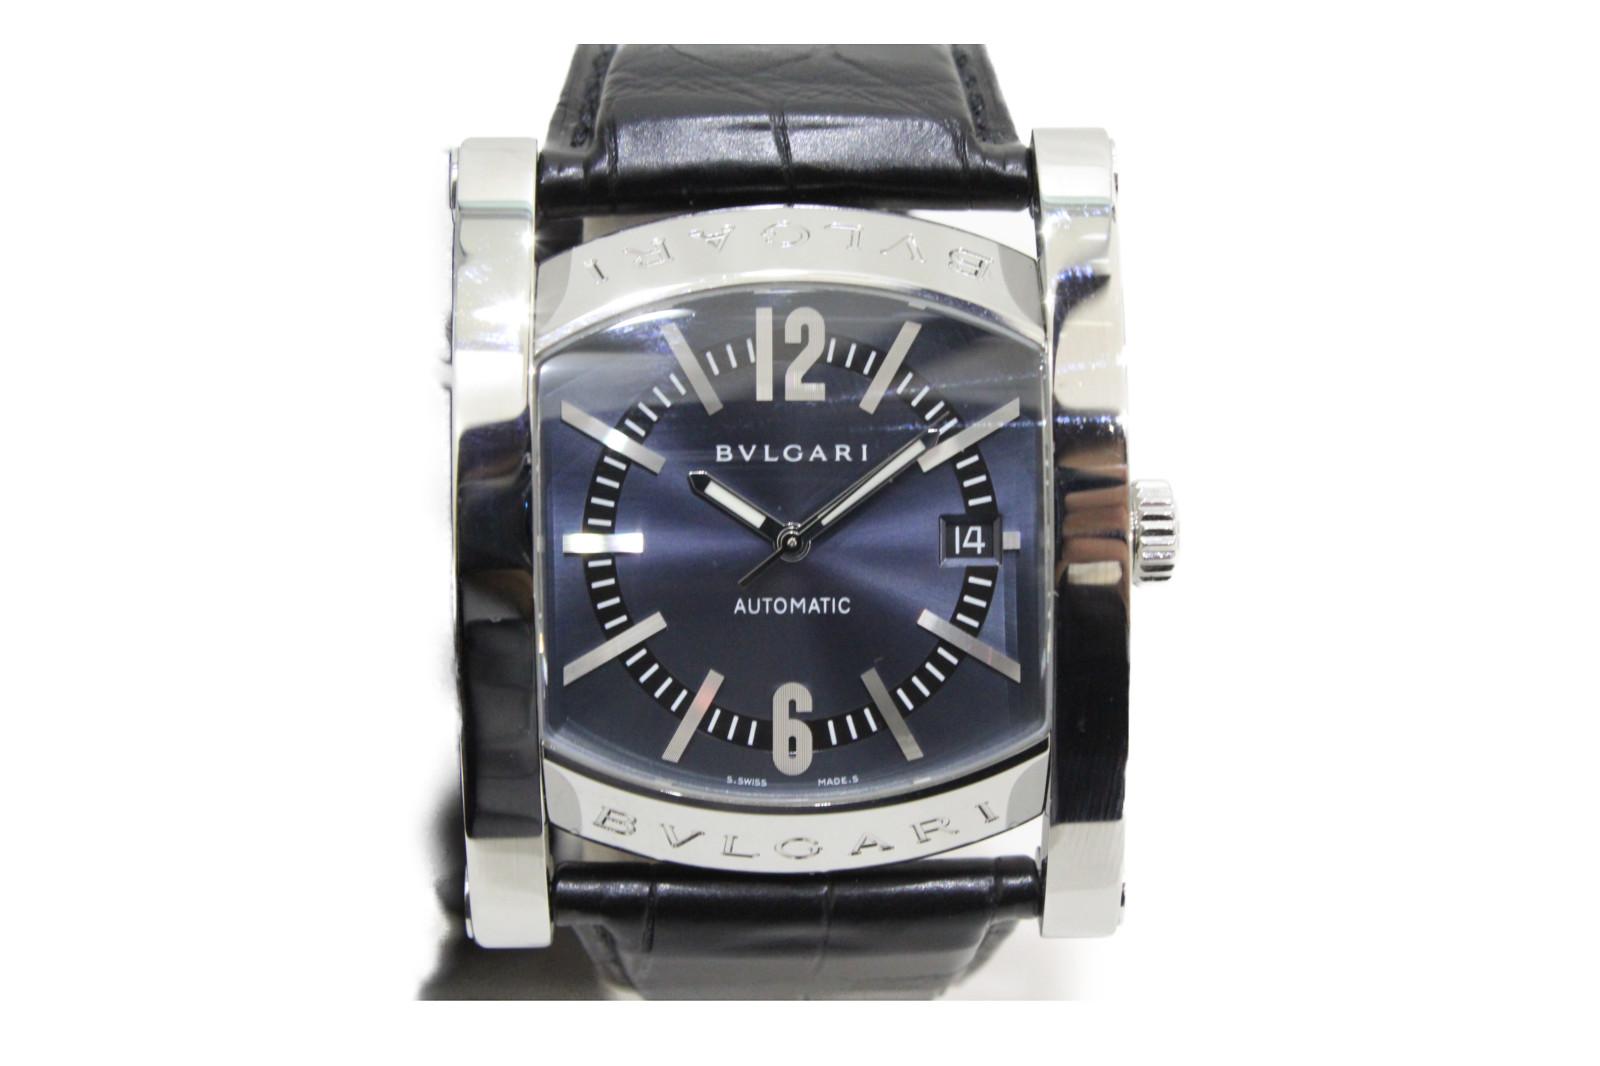 BVLGARI ブルガリ アショーマ AA48S 自動巻き デイト SS ステンレススチール 革ベルト ブルー メンズ 腕時計【中古】